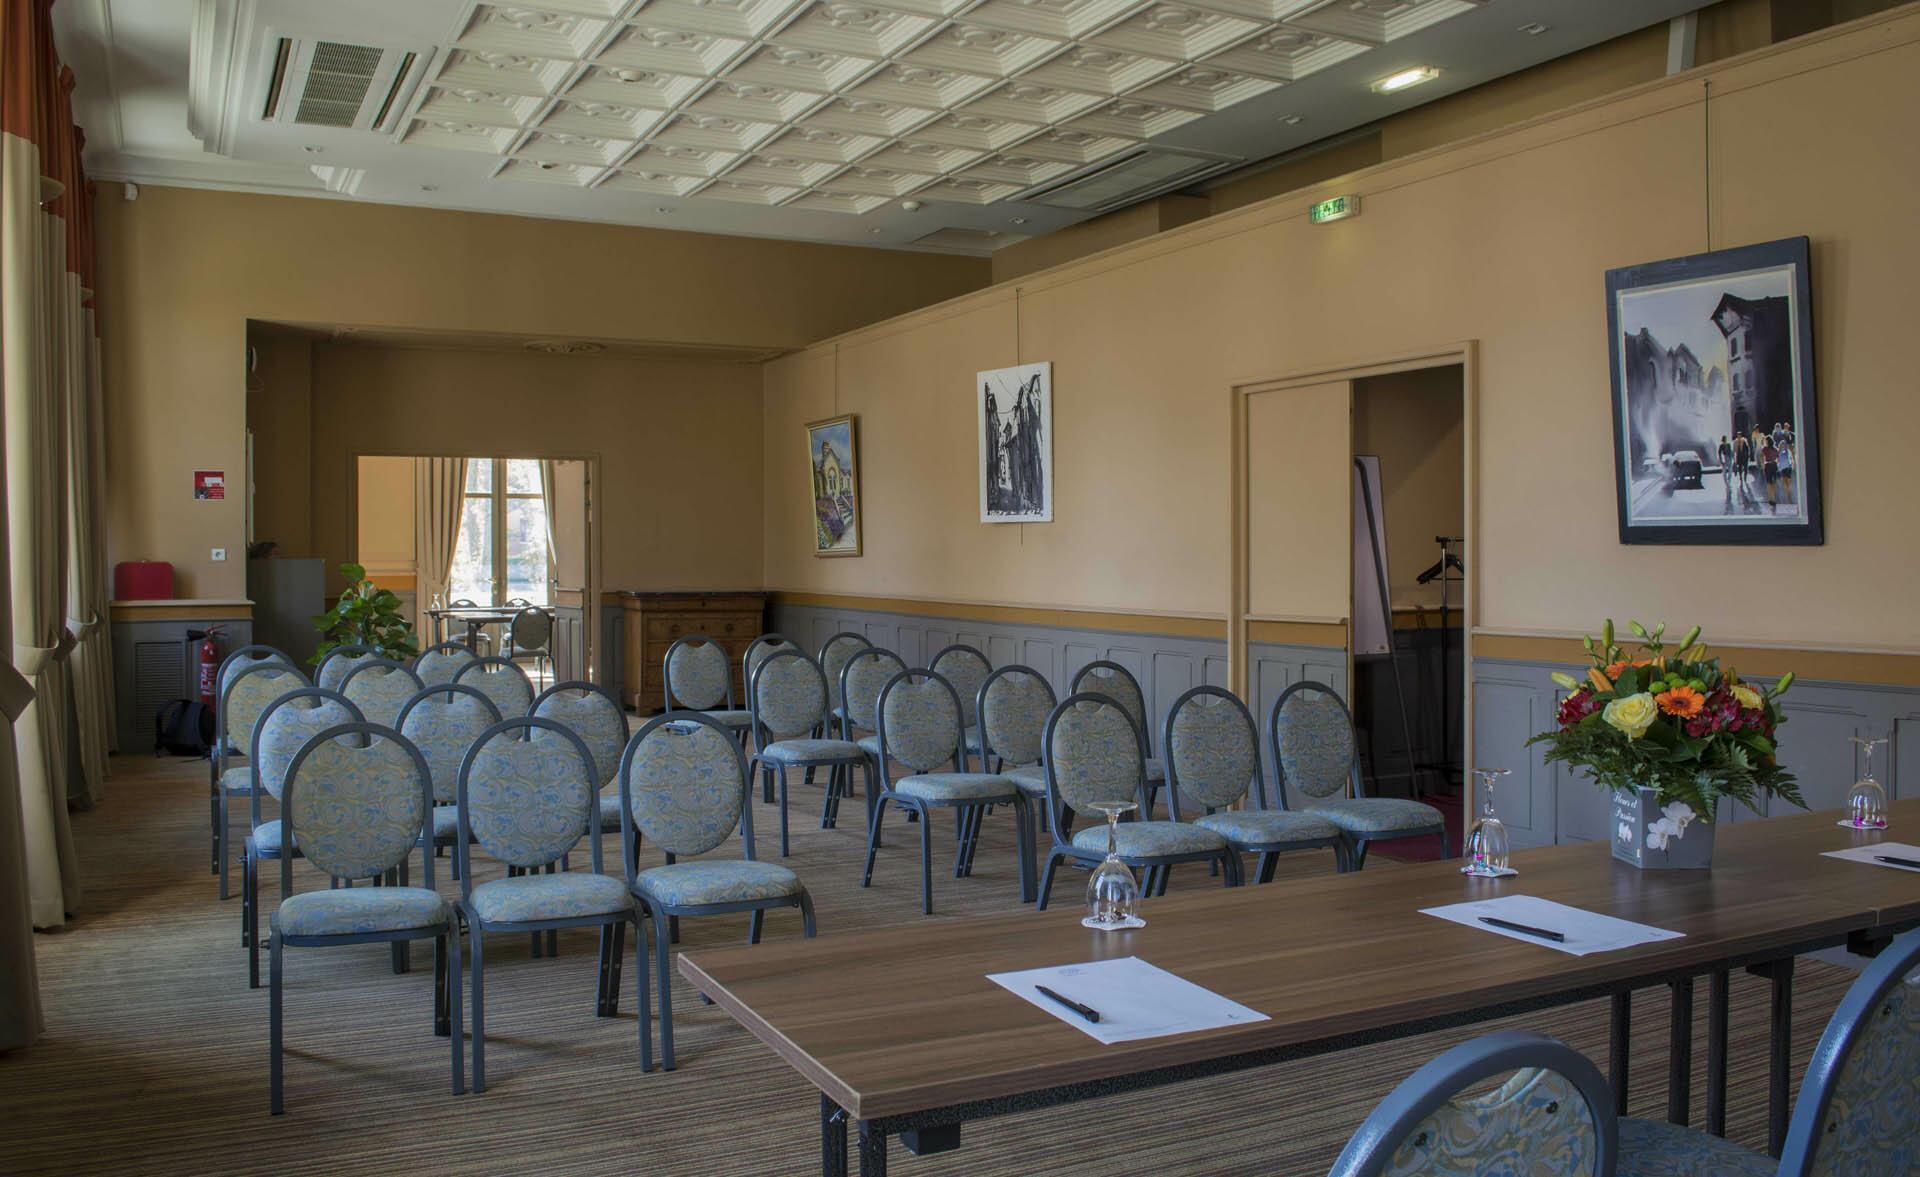 Conference room at Hôtel du Parc in Salies-de-Béarn, France